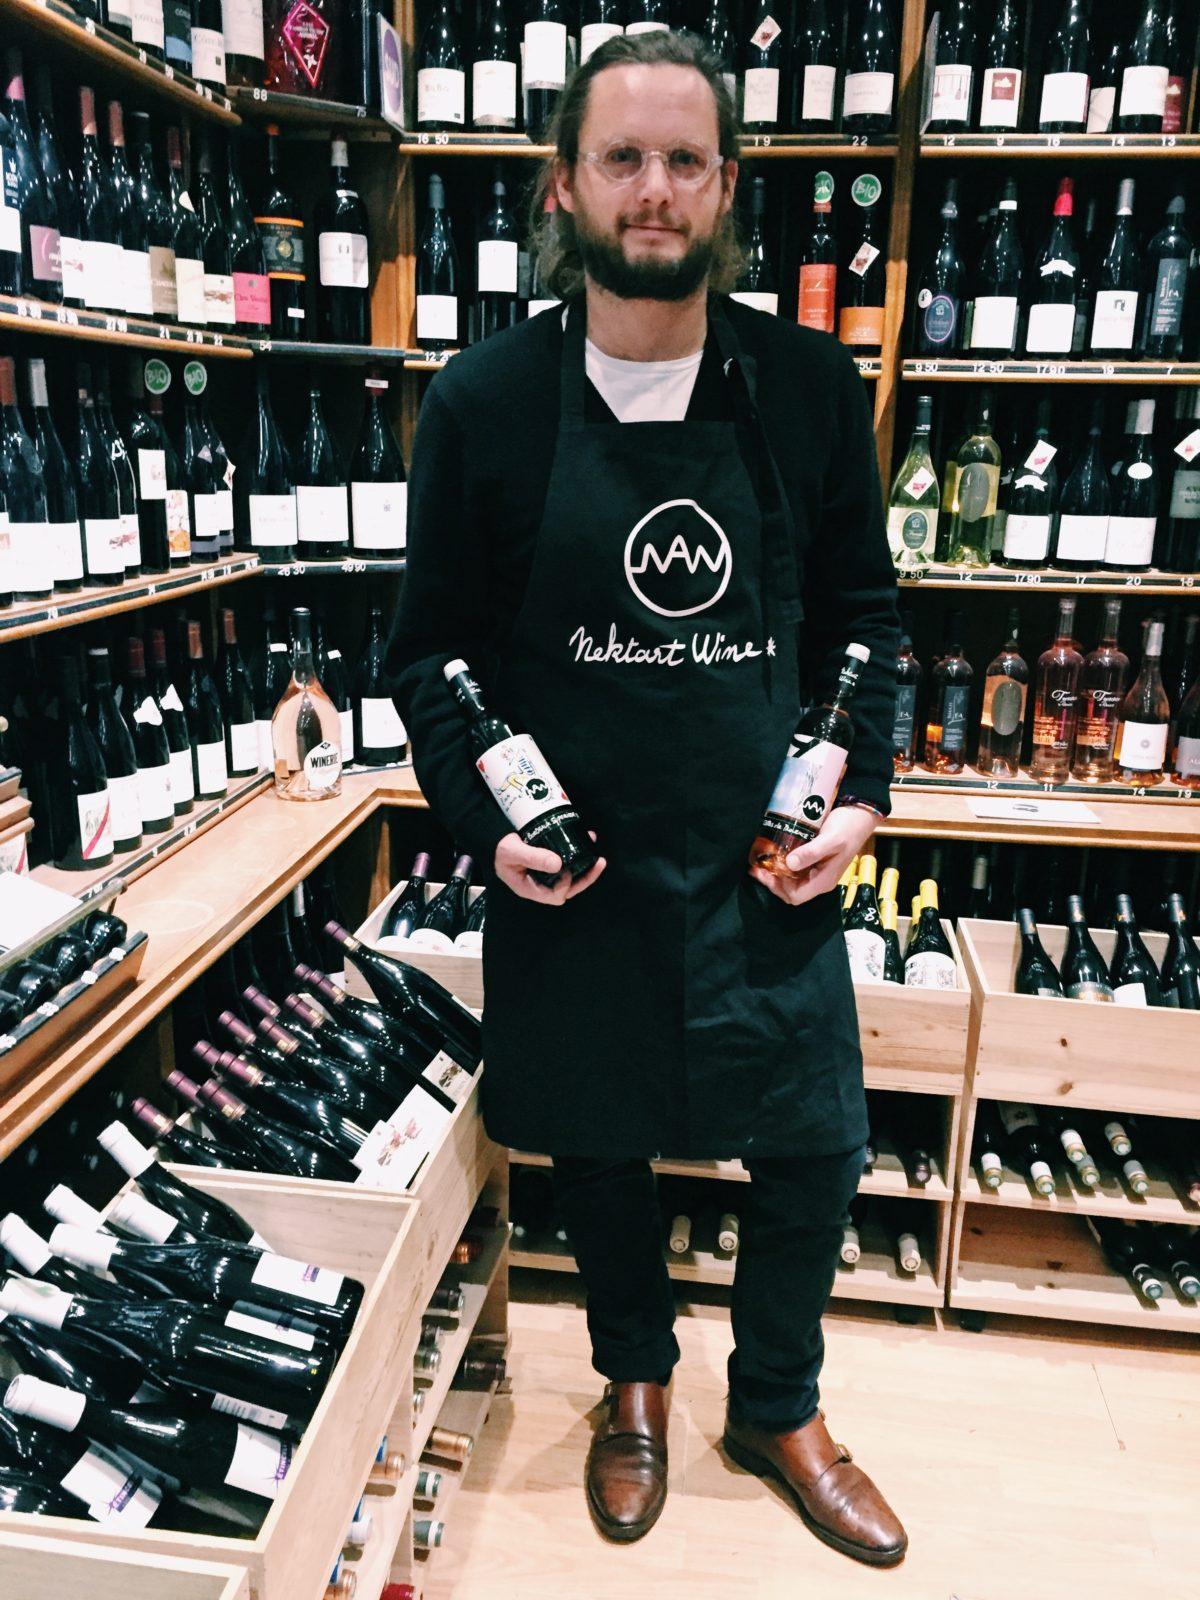 Nektart Wine